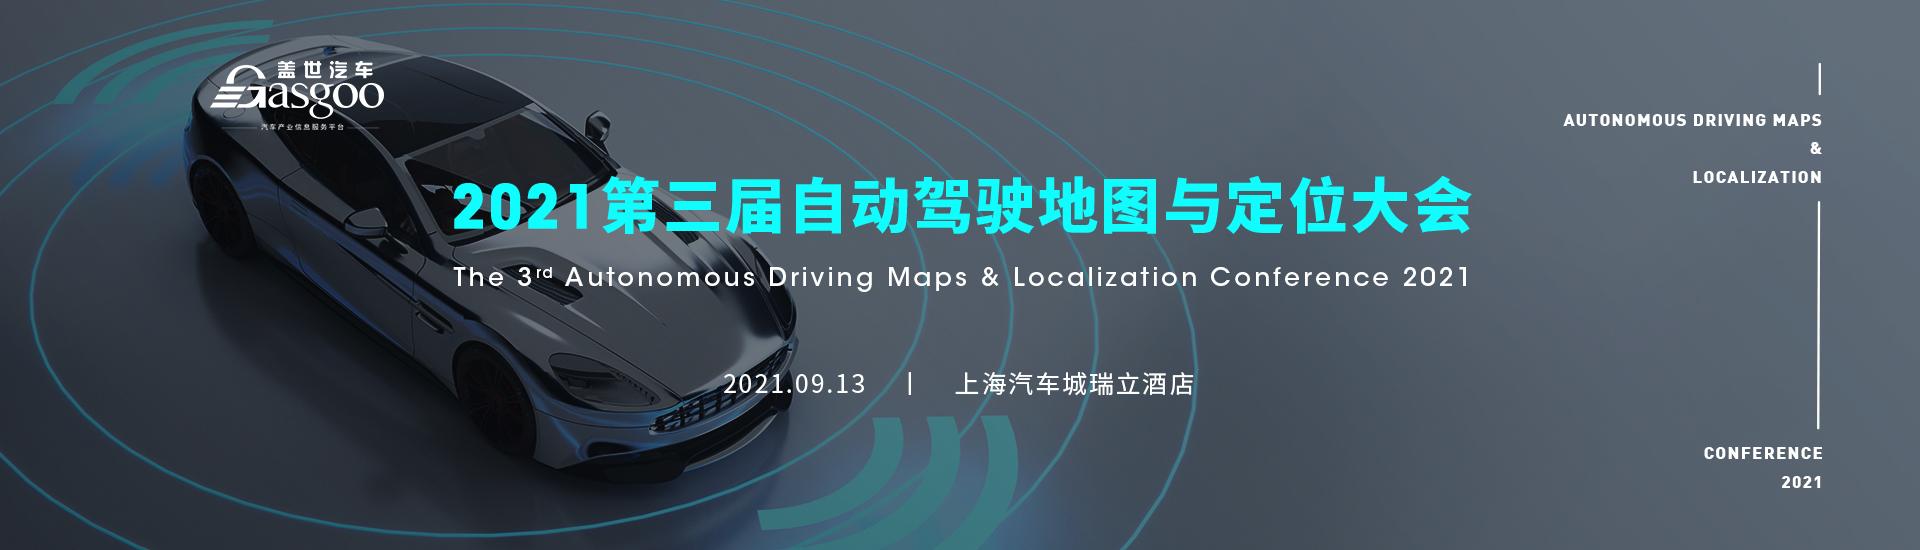 盖世汽车2021第三届自动驾驶地图与定位大会